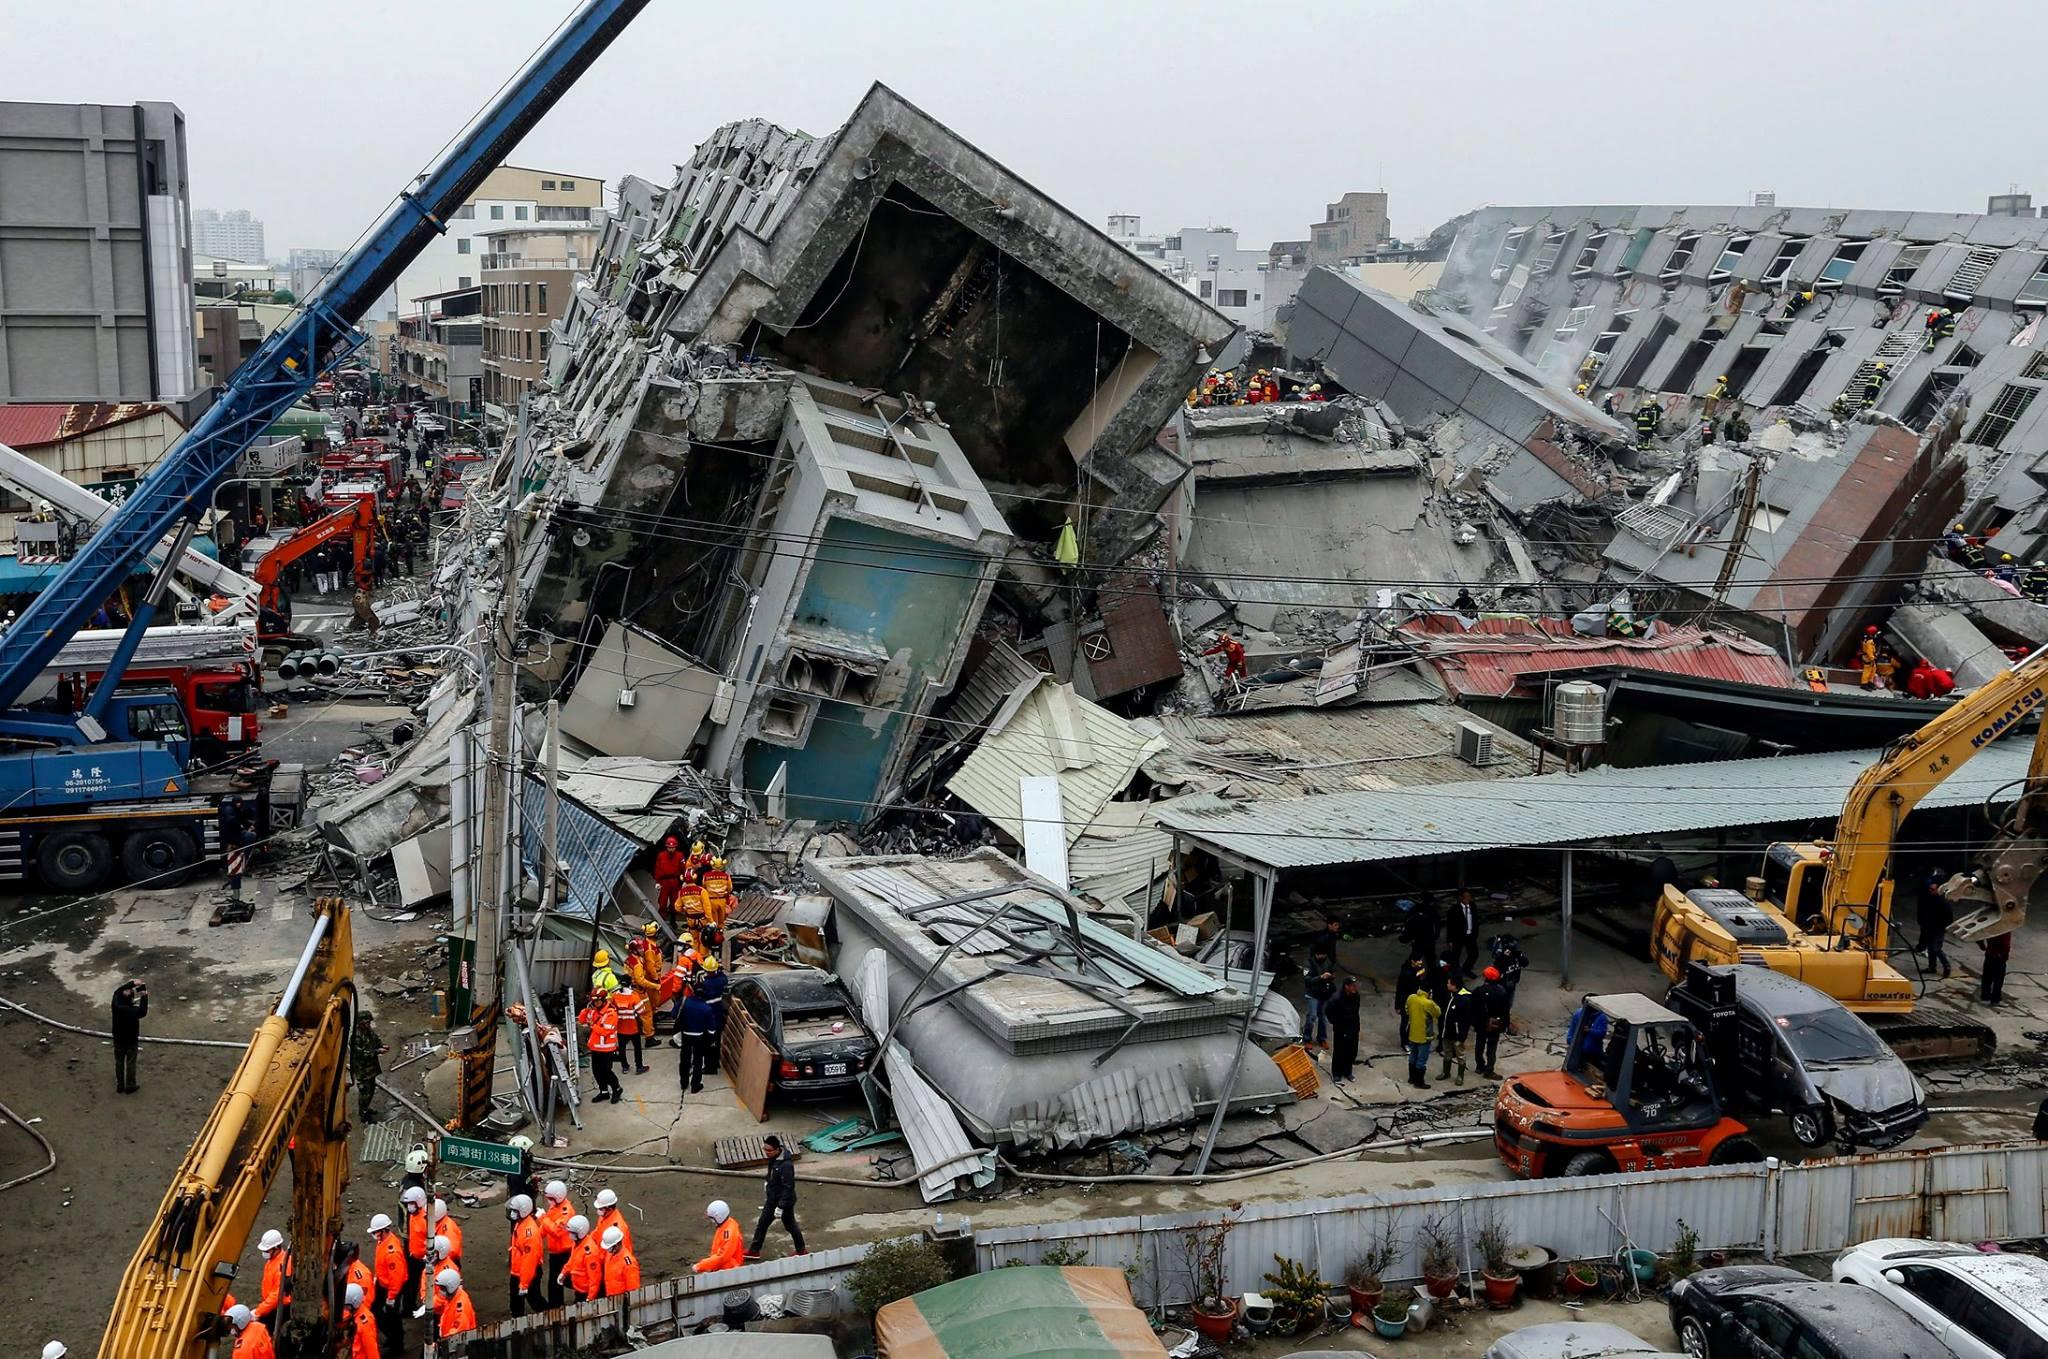 Oamenii strigau dupa ajutor, dar nu i-am putut salva. Marturiile celor care au vazut cladirile prabusite dupa cutremurul din aceasta dimineata